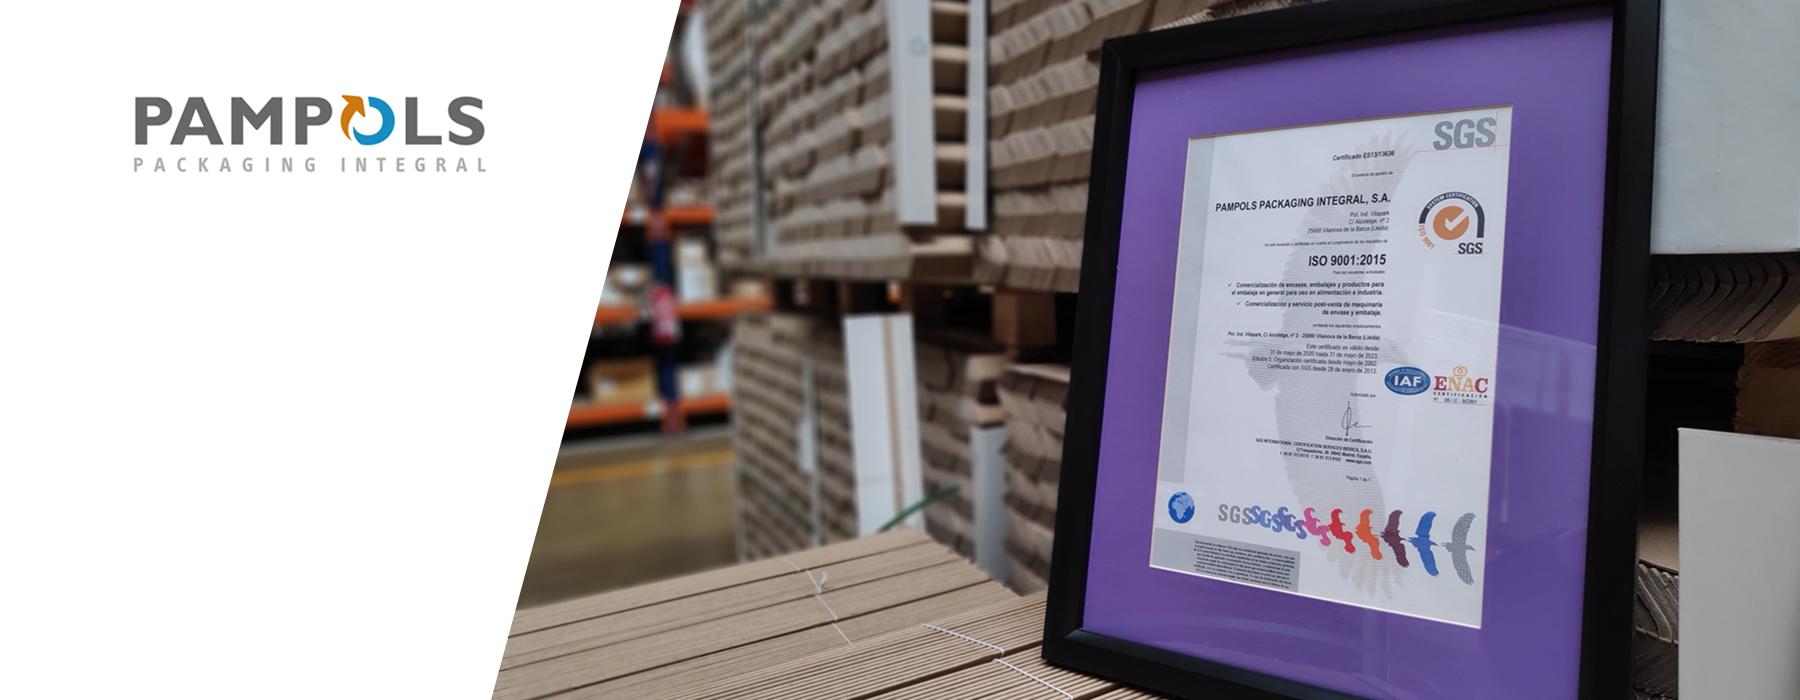 Renovadas la certificación ISO 9001 y las BRC Storage y Broker